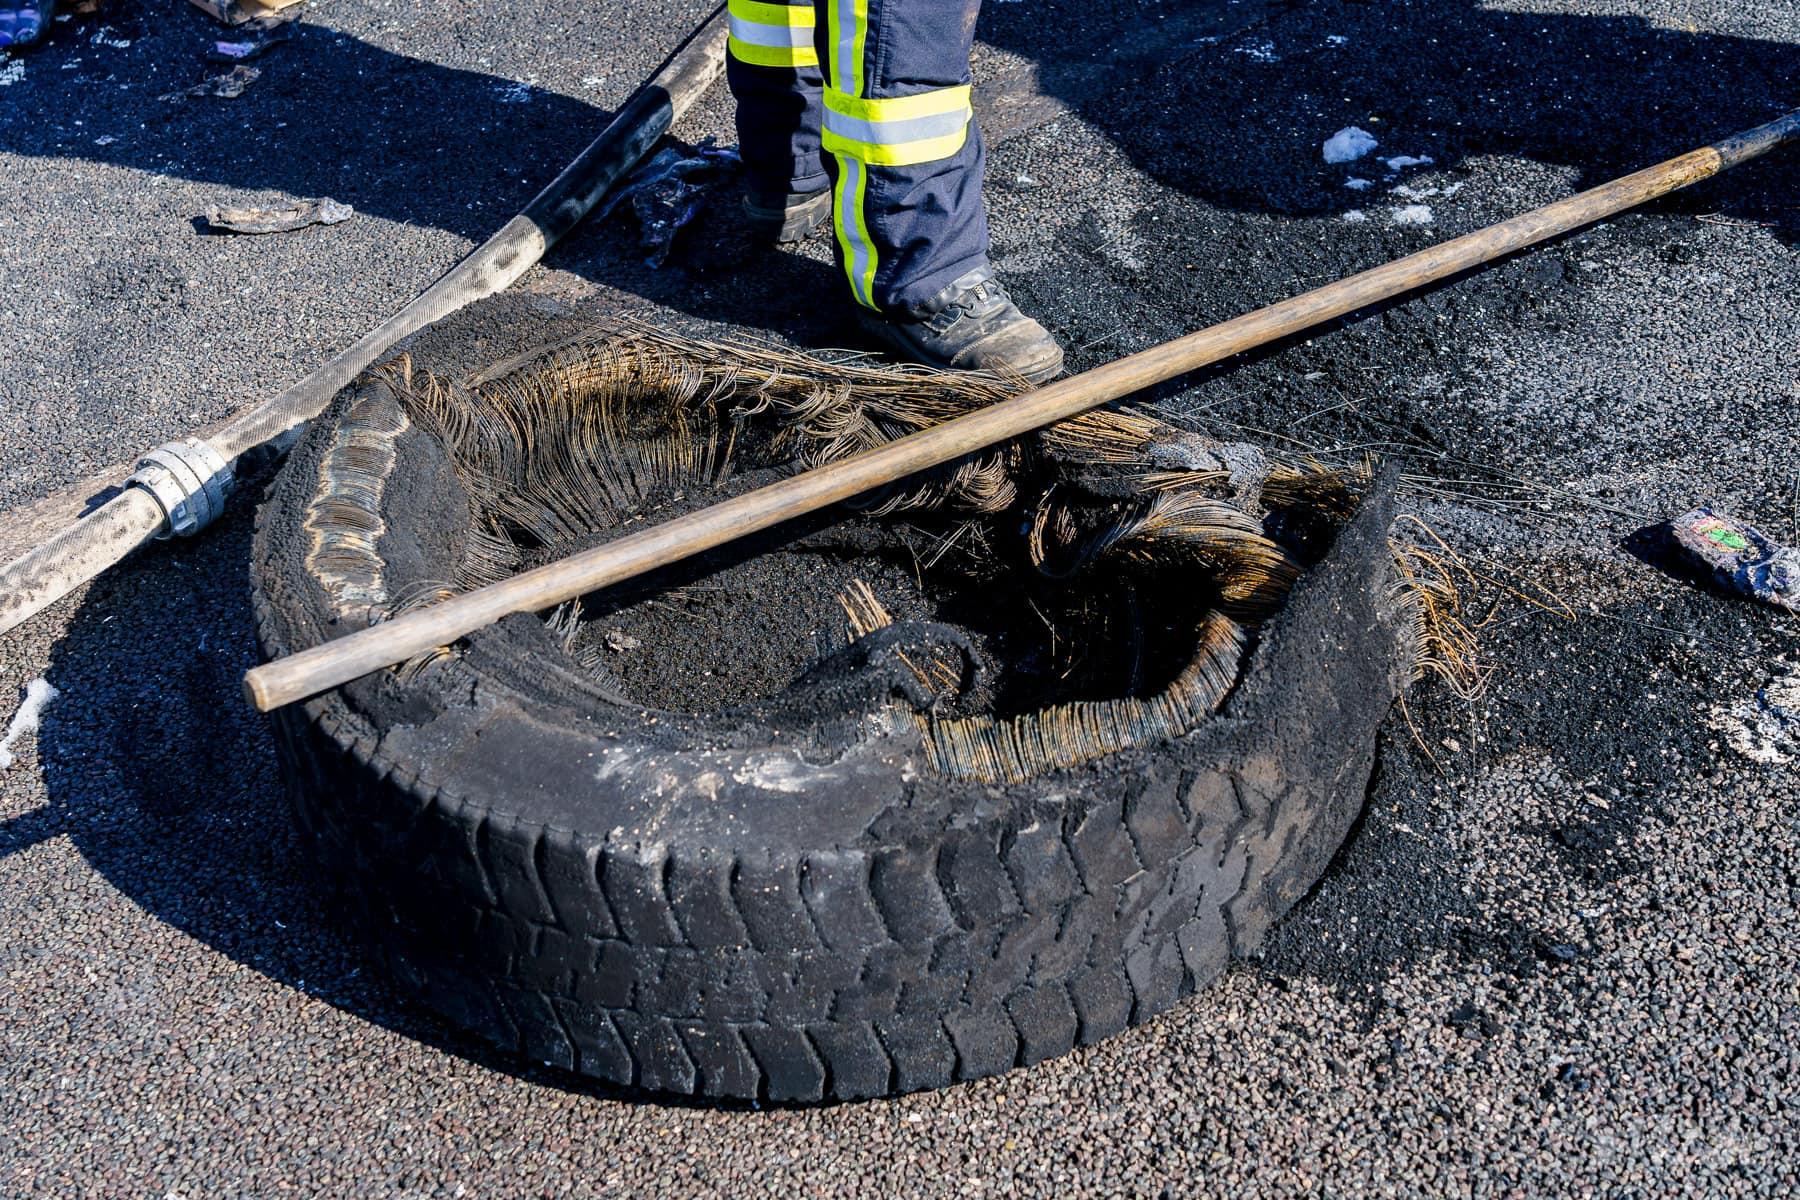 Einder der geplatzten LKW-Reifen (Foto: n112.de/Stefan Simonsen)